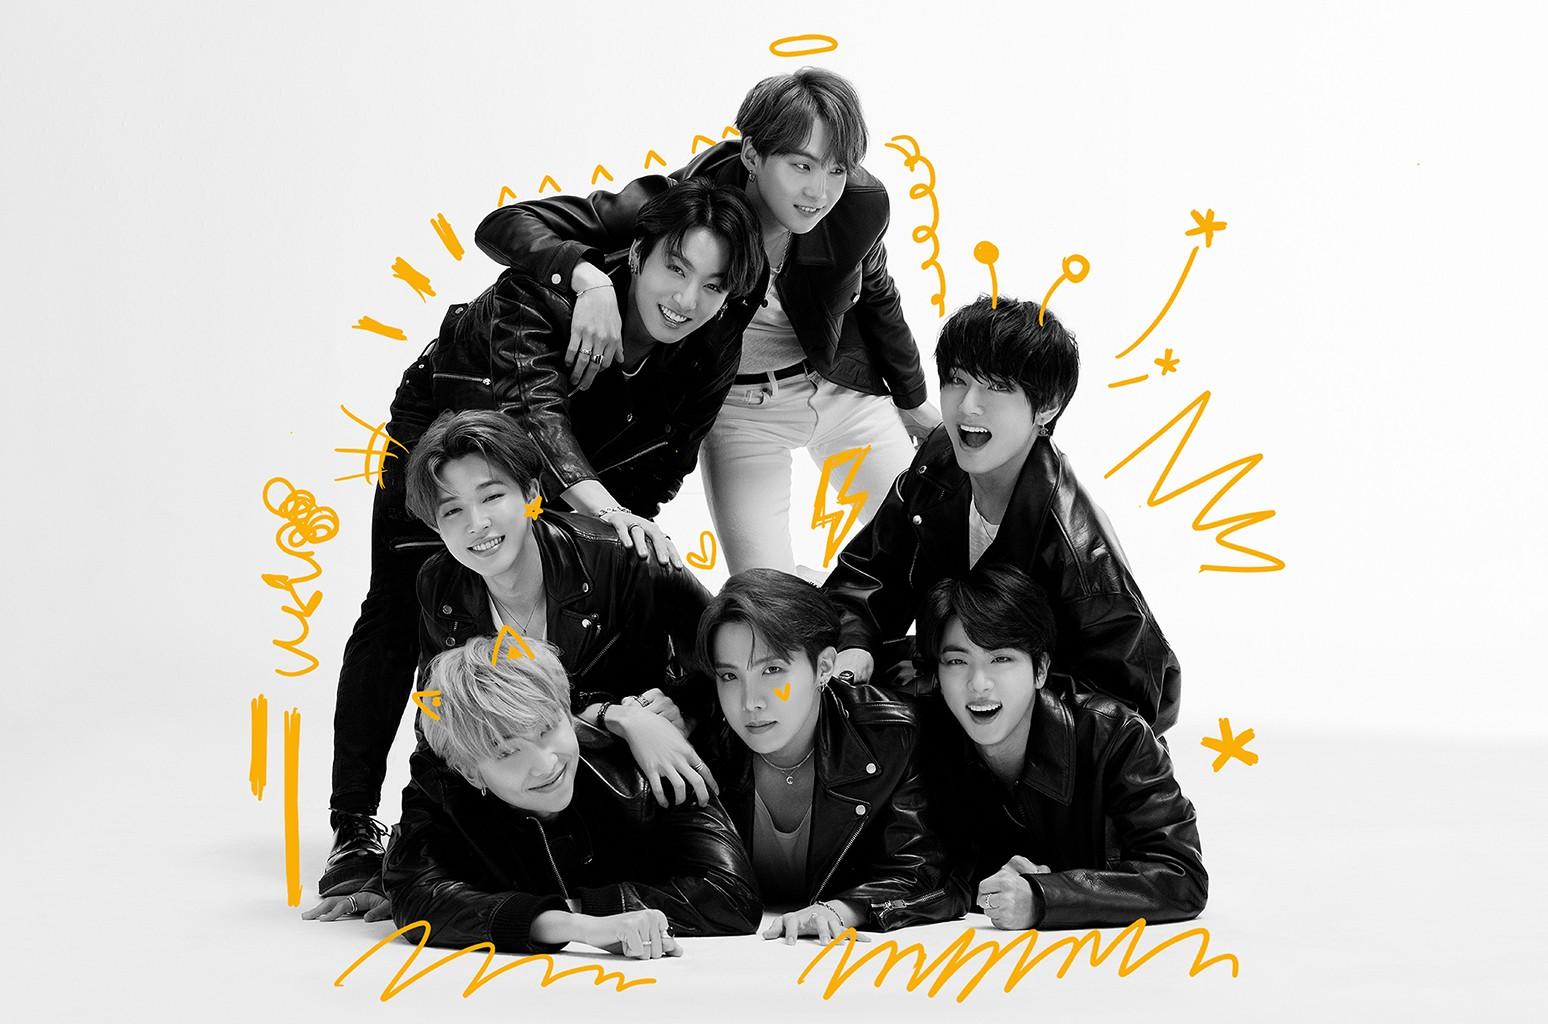 BTS' 'Map of the Soul 20' Debuts at No. 20 Billboard 20 Chart ...